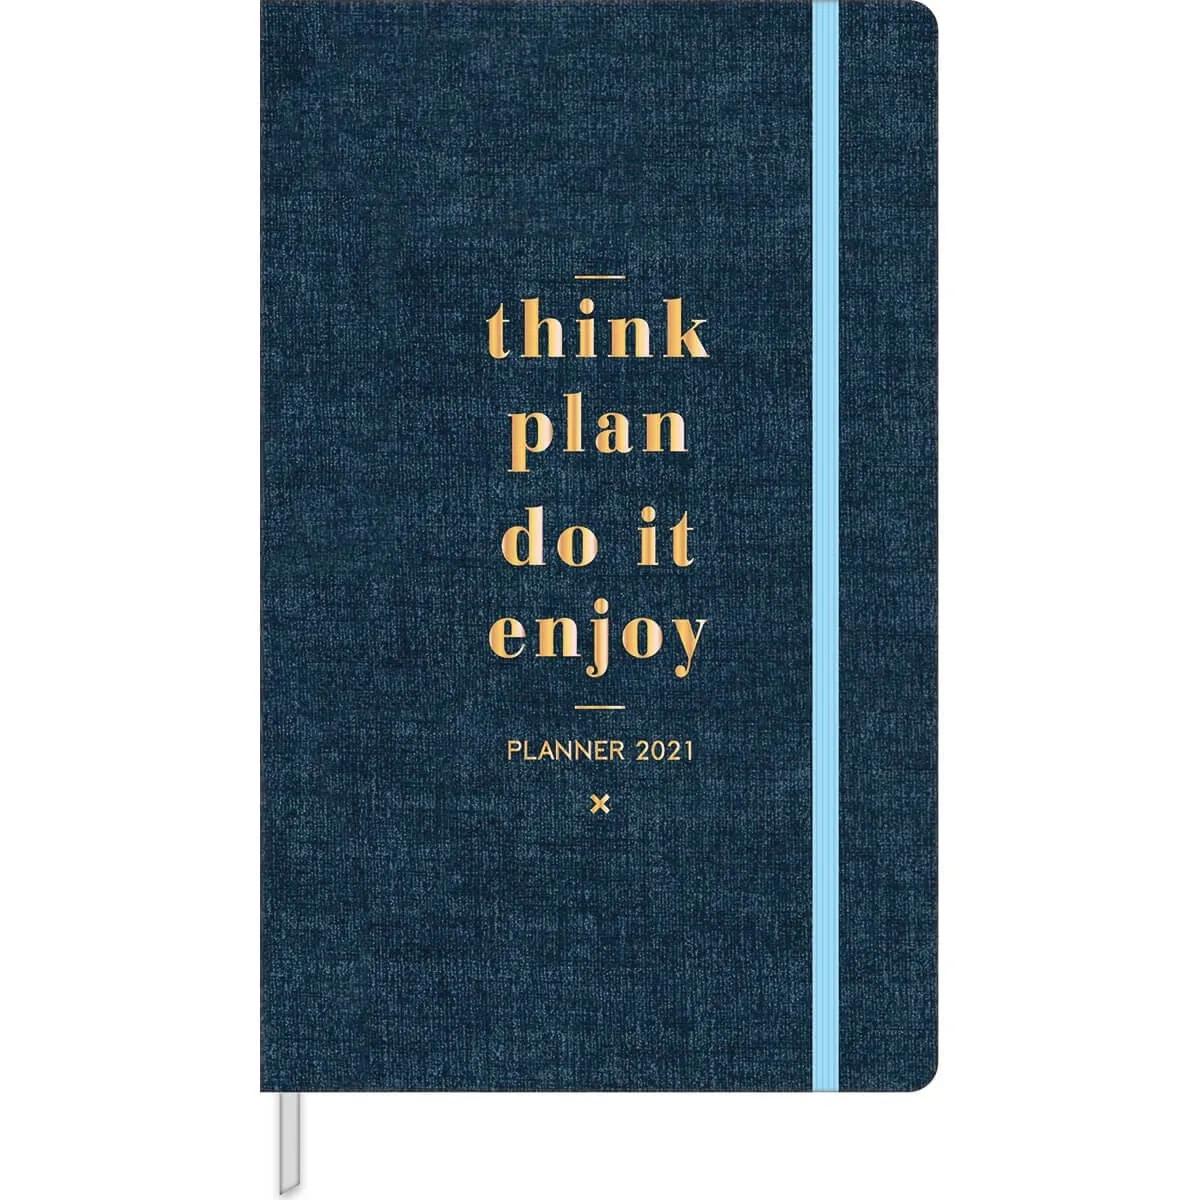 Planner Costurado Agenda 2021 Cambridge M5 Tilibra